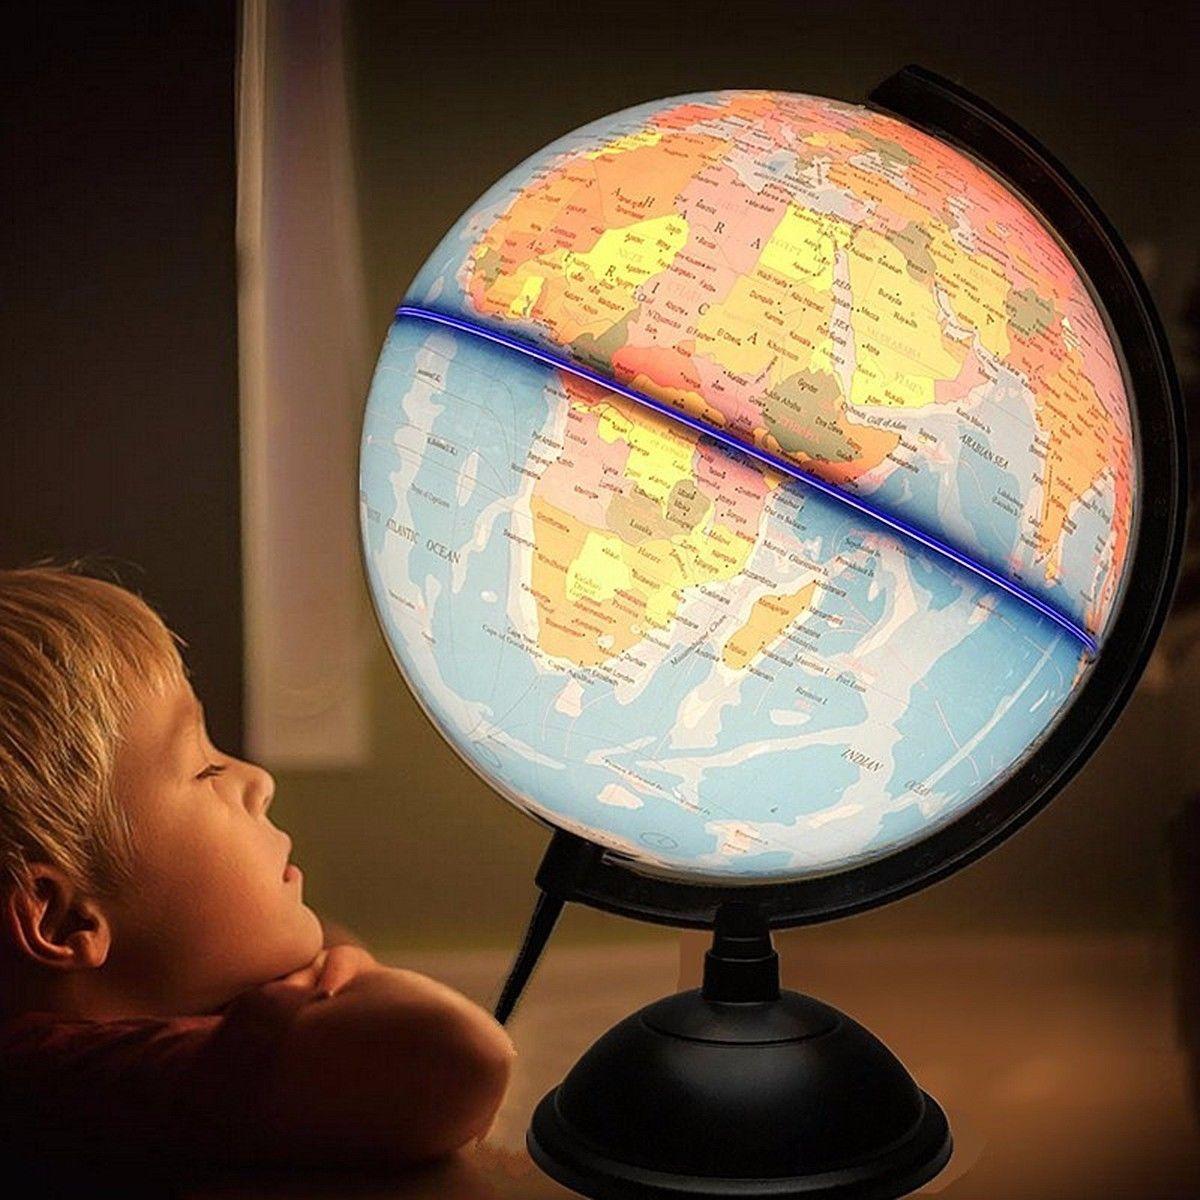 32 Cm Elektrische Led Licht Welt Globus Erde Karte Lehren Bildung Geographie Spielzeug Terrestrischen Tellurion Globus Home Office Schreibtisch Dekor Rheuma Lindern